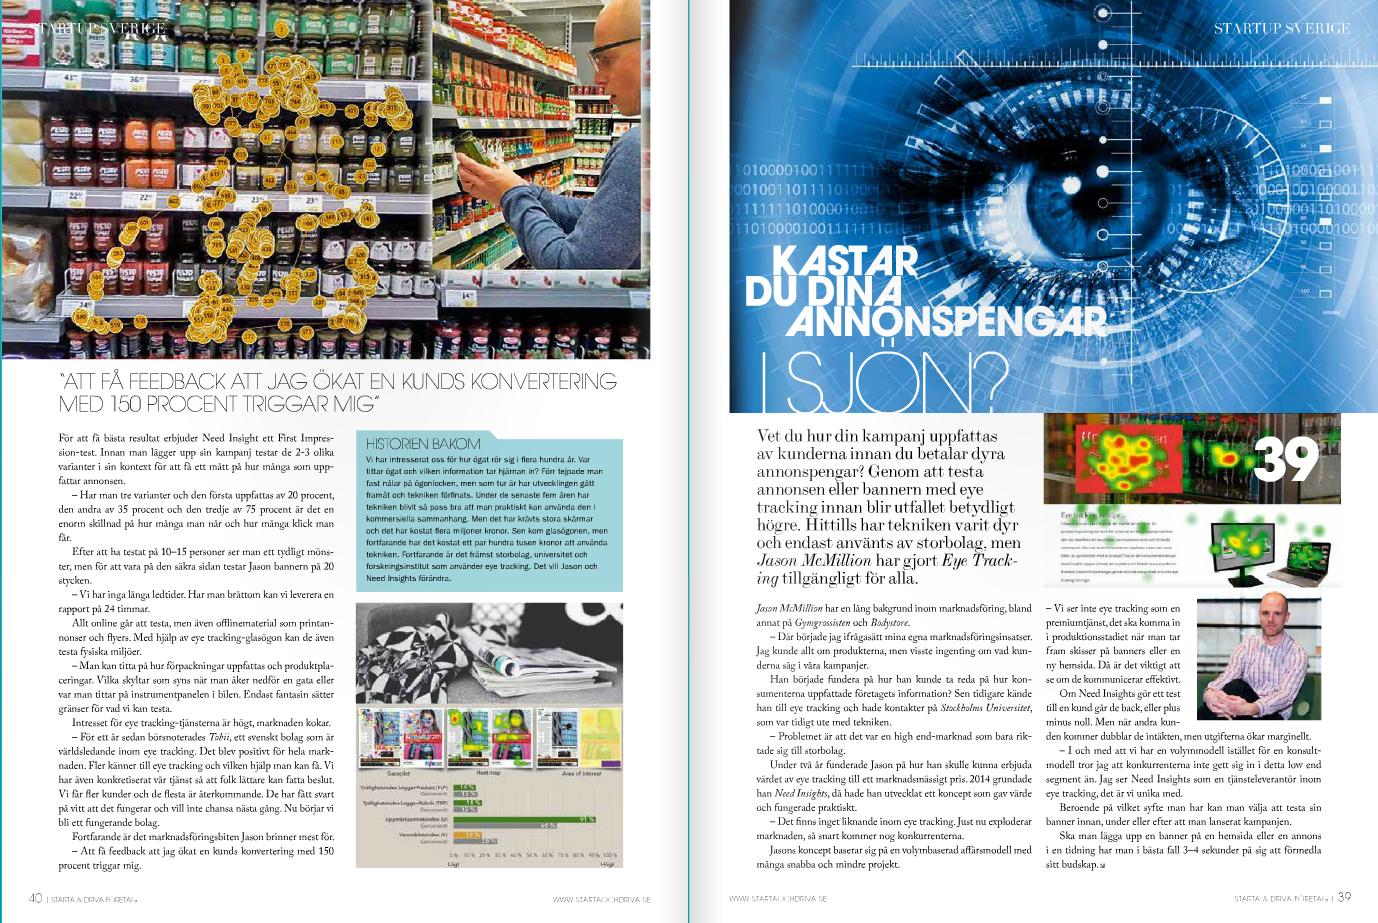 2-sidig artikel i tidningen Starta & Driva Företag.